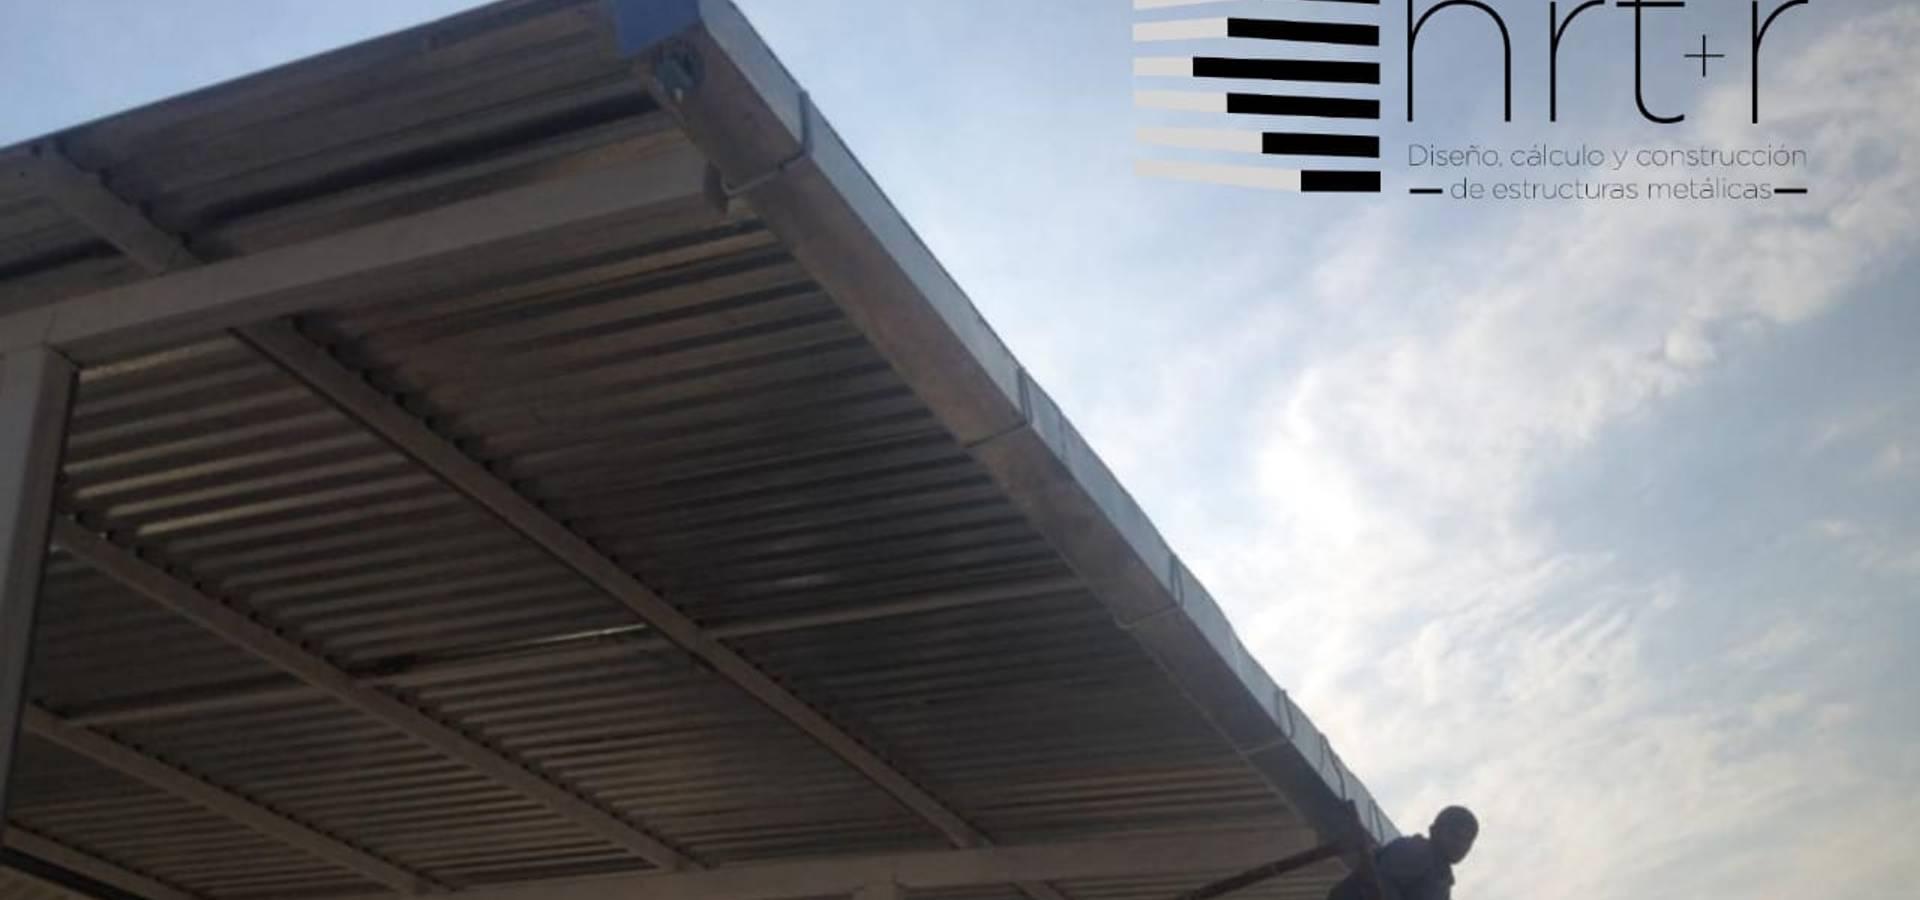 Hrt+r diseño calculo y construccion de estructuras metalicas